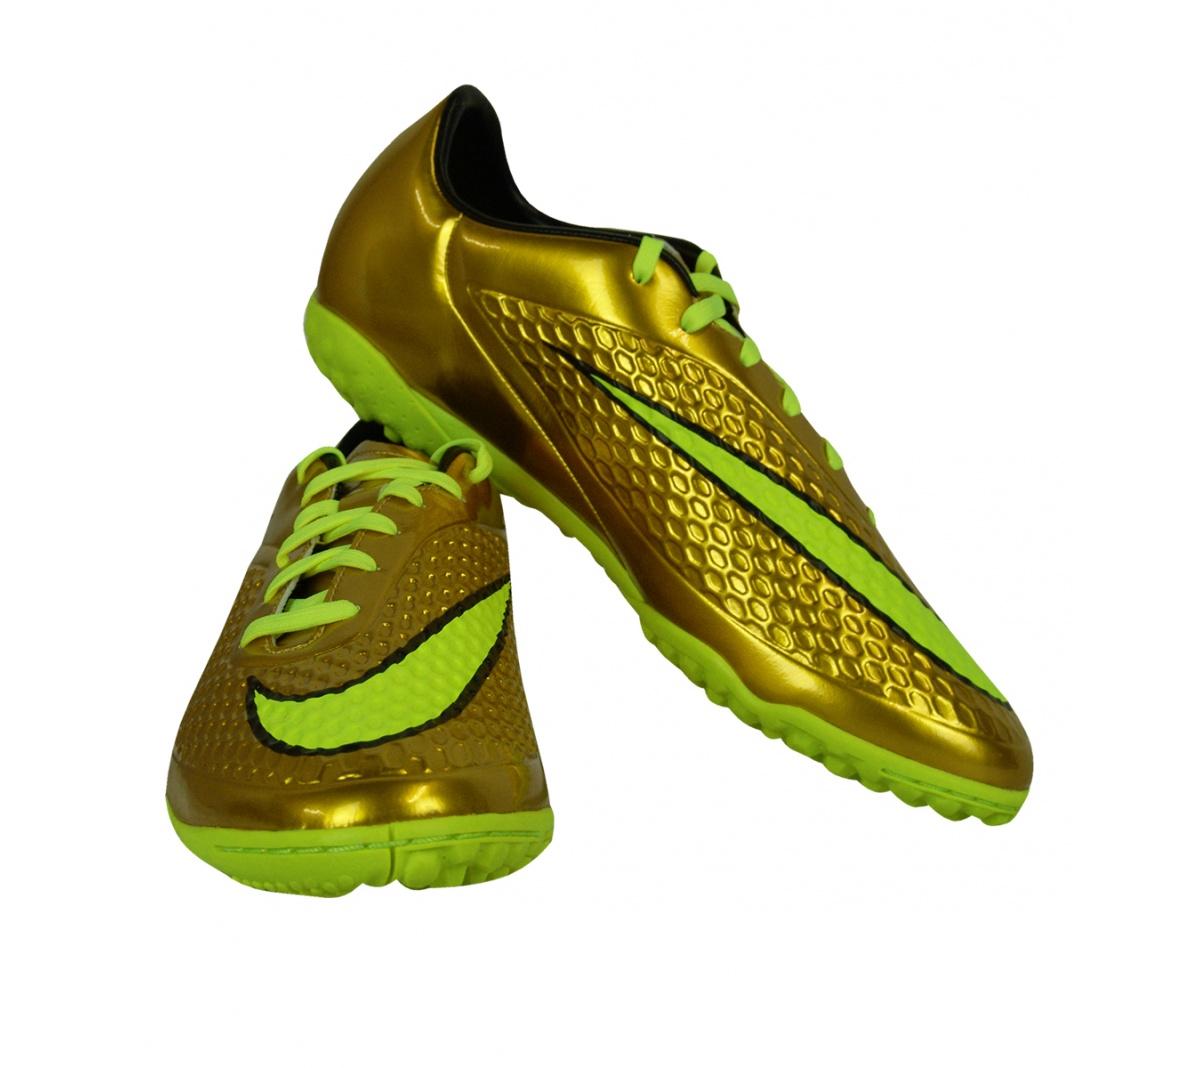 new style b5707 fbd85 ... italy tênis nike futsal hypervenom gold phelon ic premium junior chuteira  nike hypervenom phelon prem society